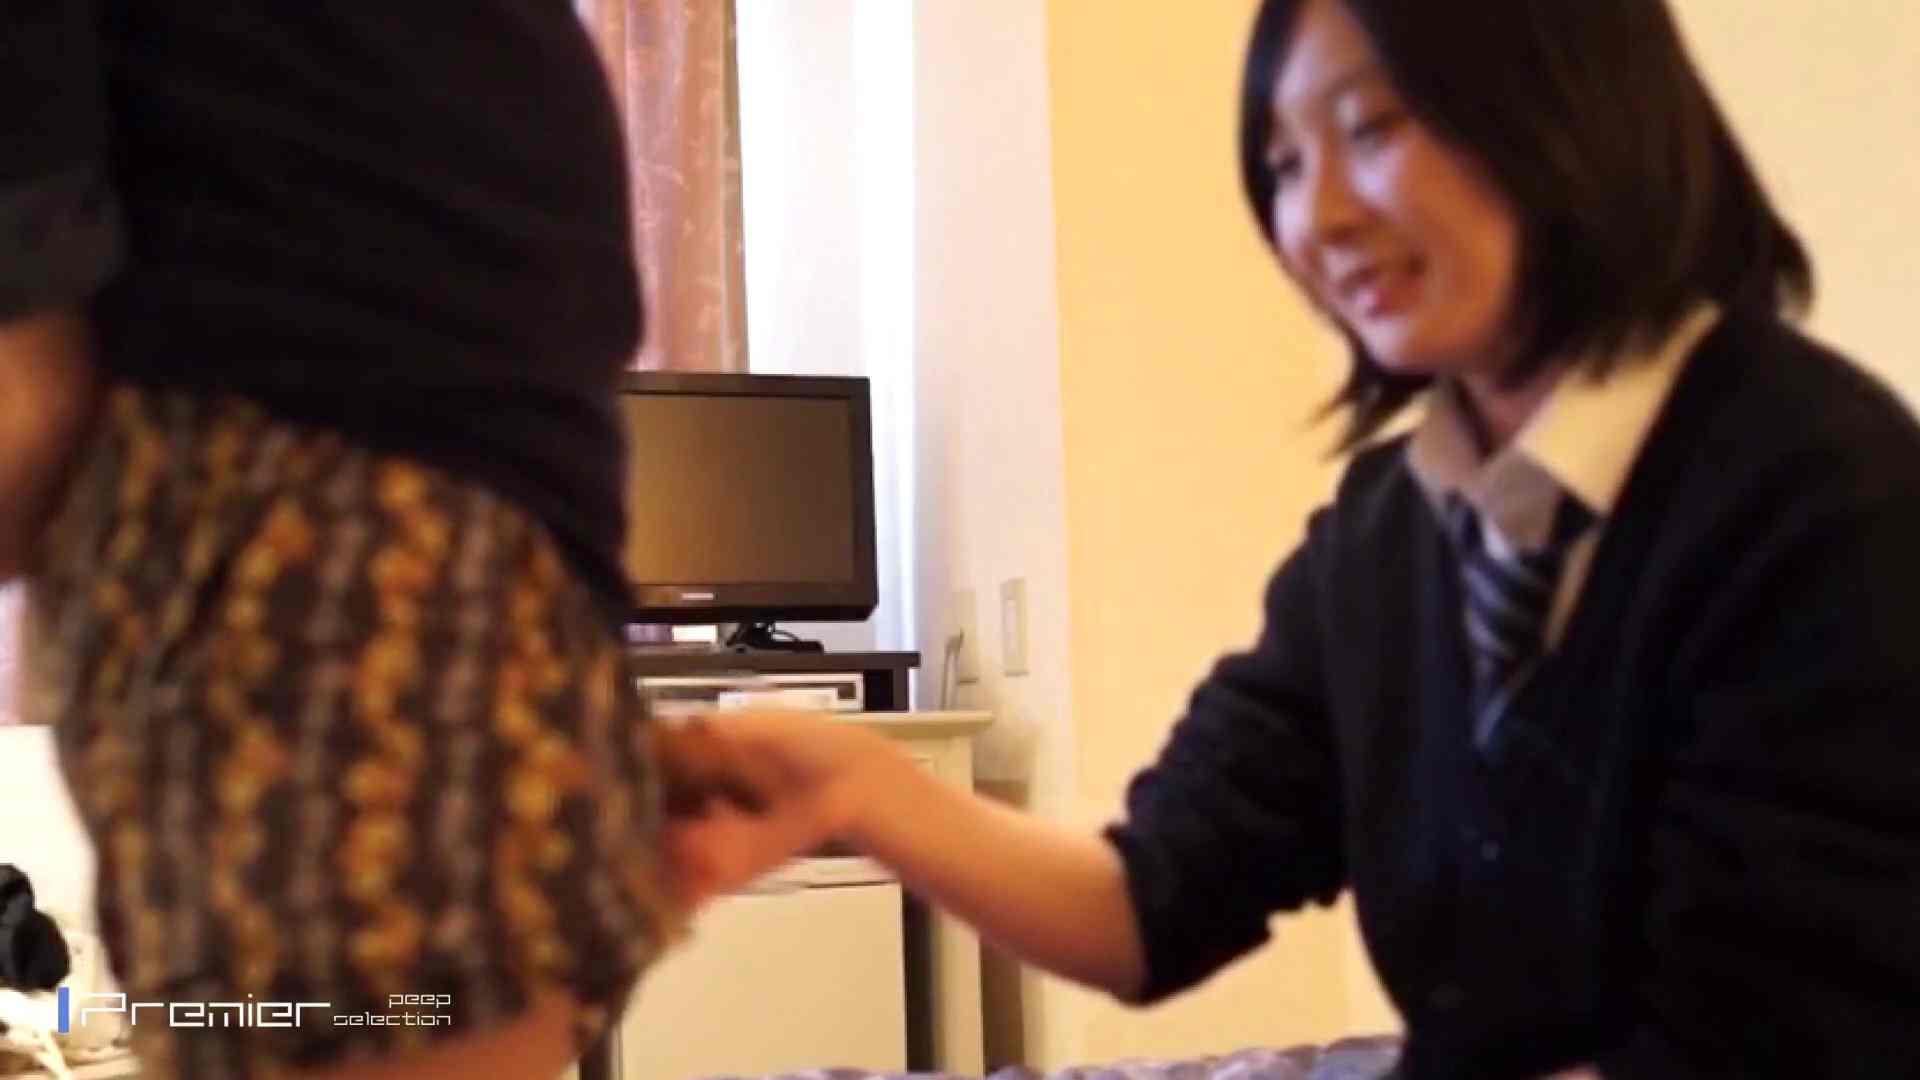 禁断の忍者 Vol.03 フルハイビジョンK制月反性行 セックス 性交動画流出 110枚 36